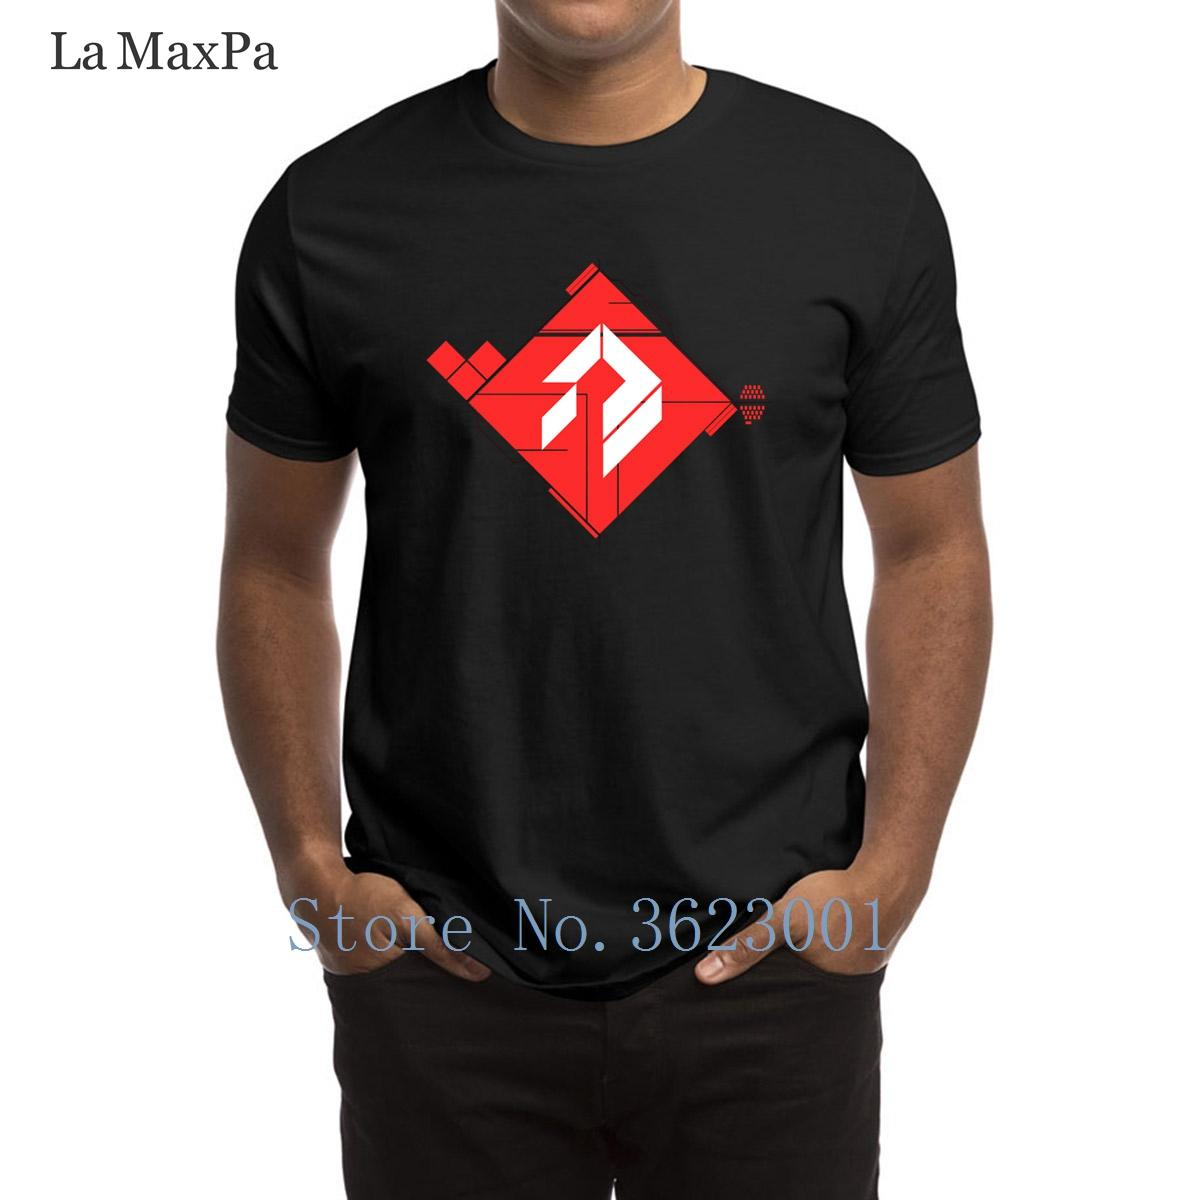 Impreso camiseta delgada para los hombres Siva Un Clovis Bray T Producto camisa de marca básica del sólido camisa Mejor S-3XL Camiseta Hombre de la aptitud